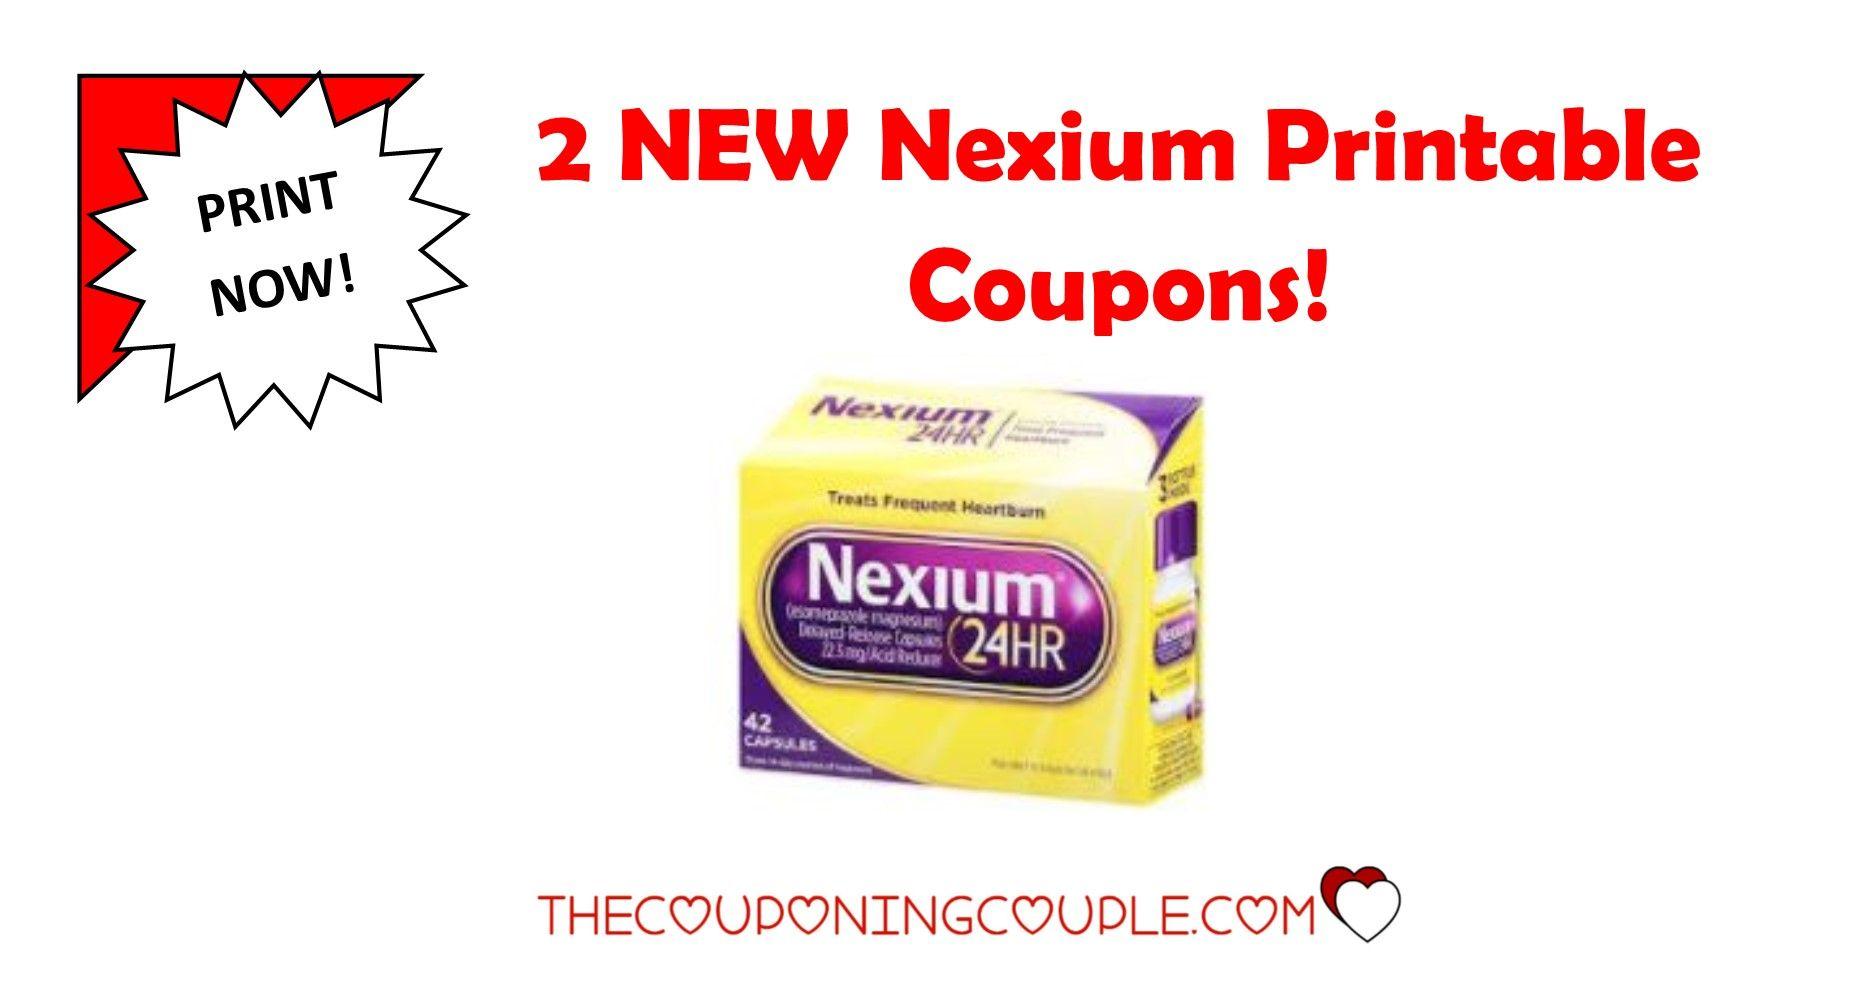 2 New Nexium Printable Coupons 7 In Savings Print Now Printable Coupons Coupons Printables